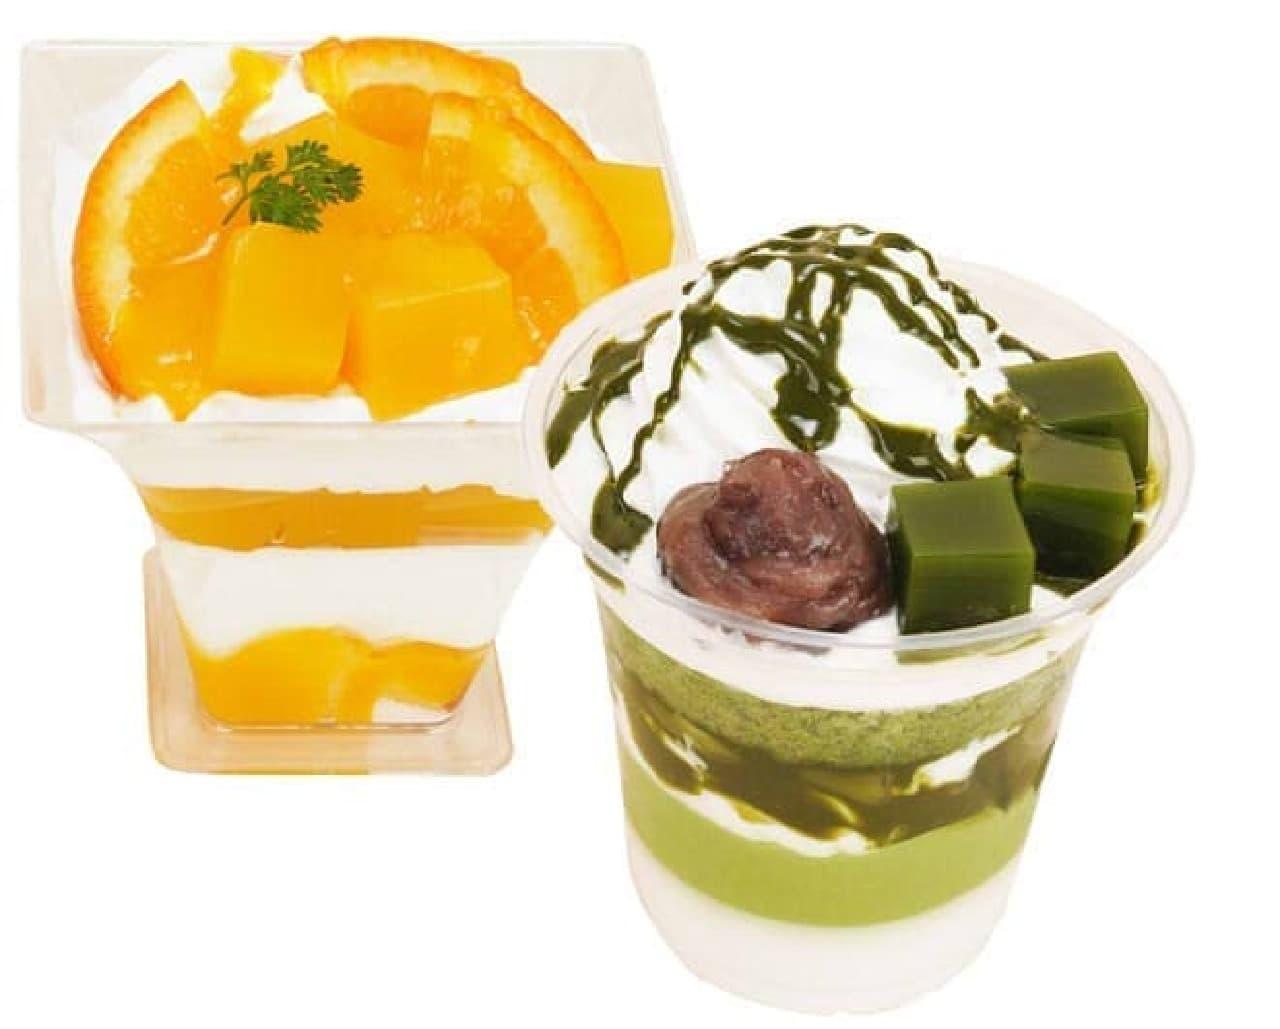 ファミマ 宇治抹茶パフェ オレンジのパフェ